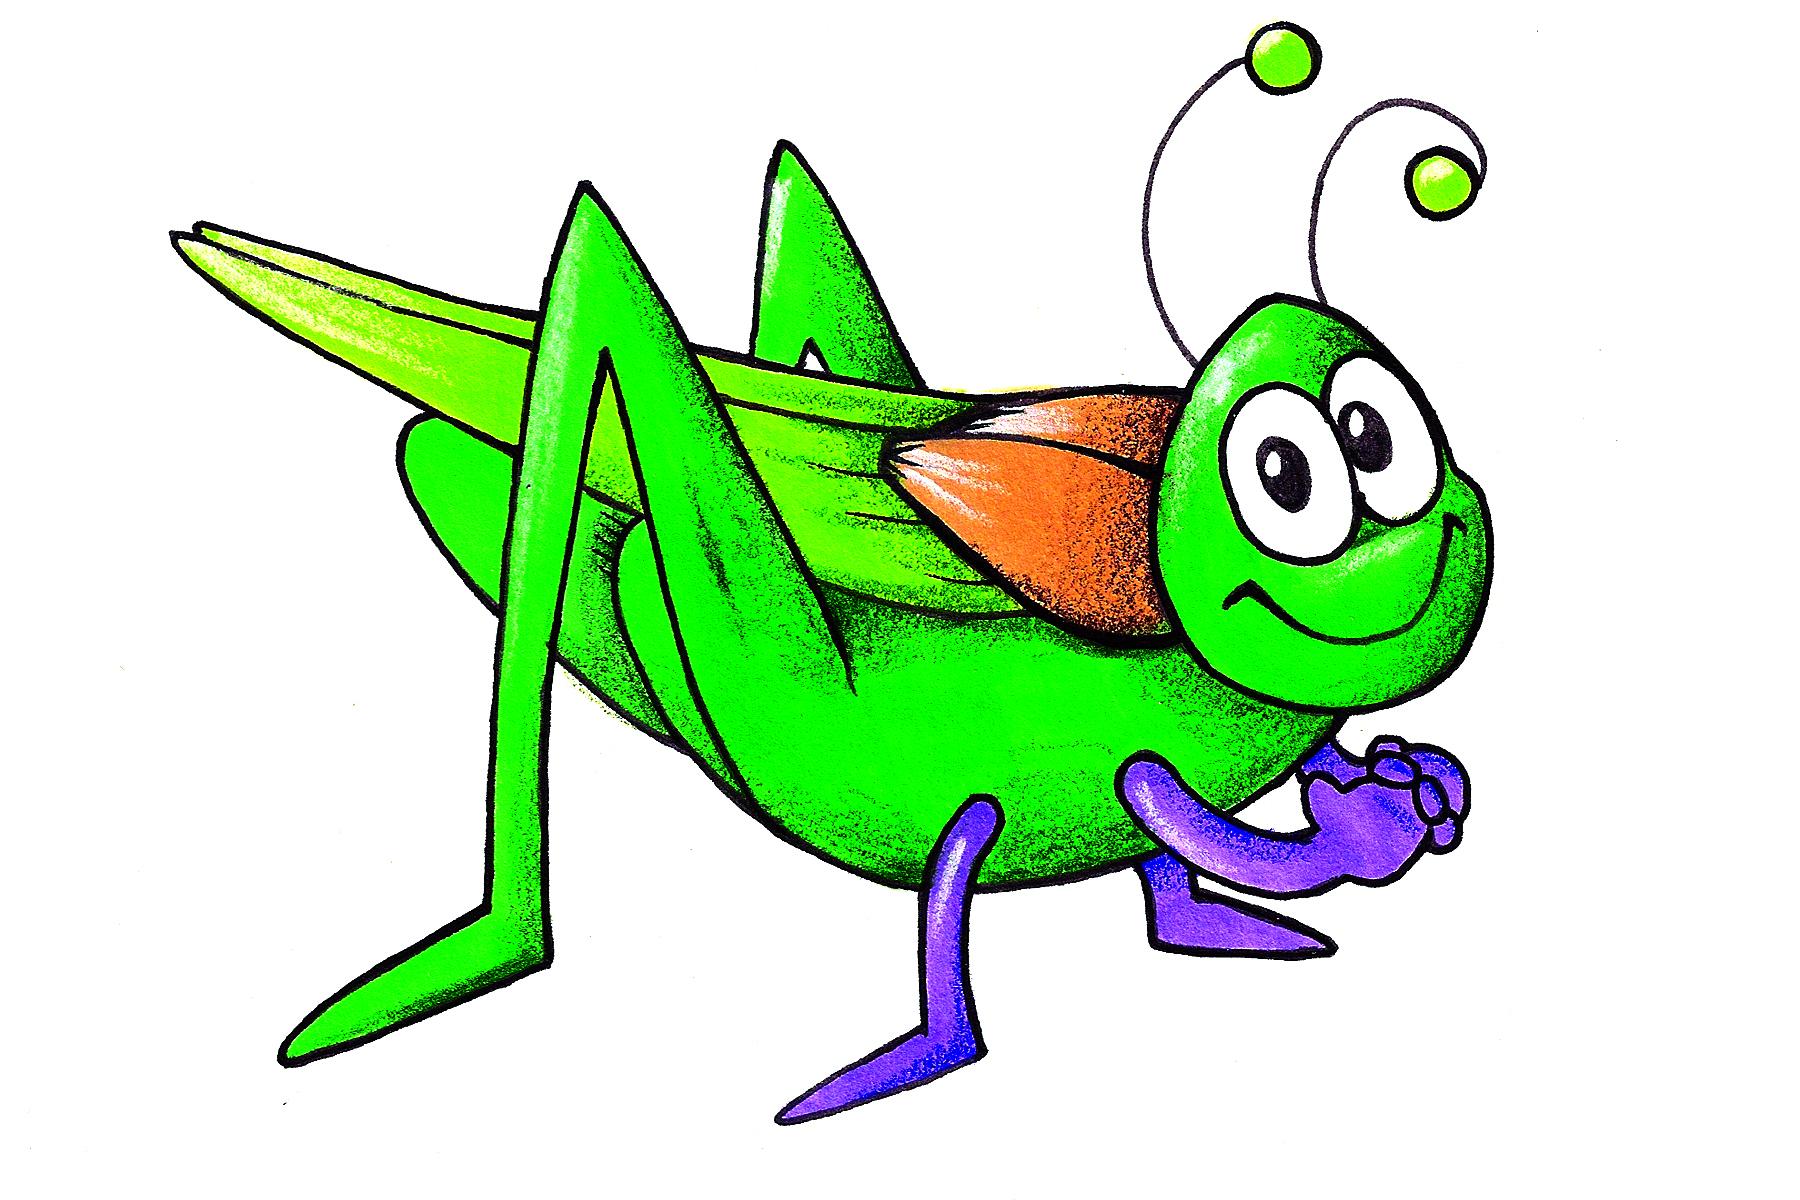 1800x1200 Grasshopper Clipart 6 2